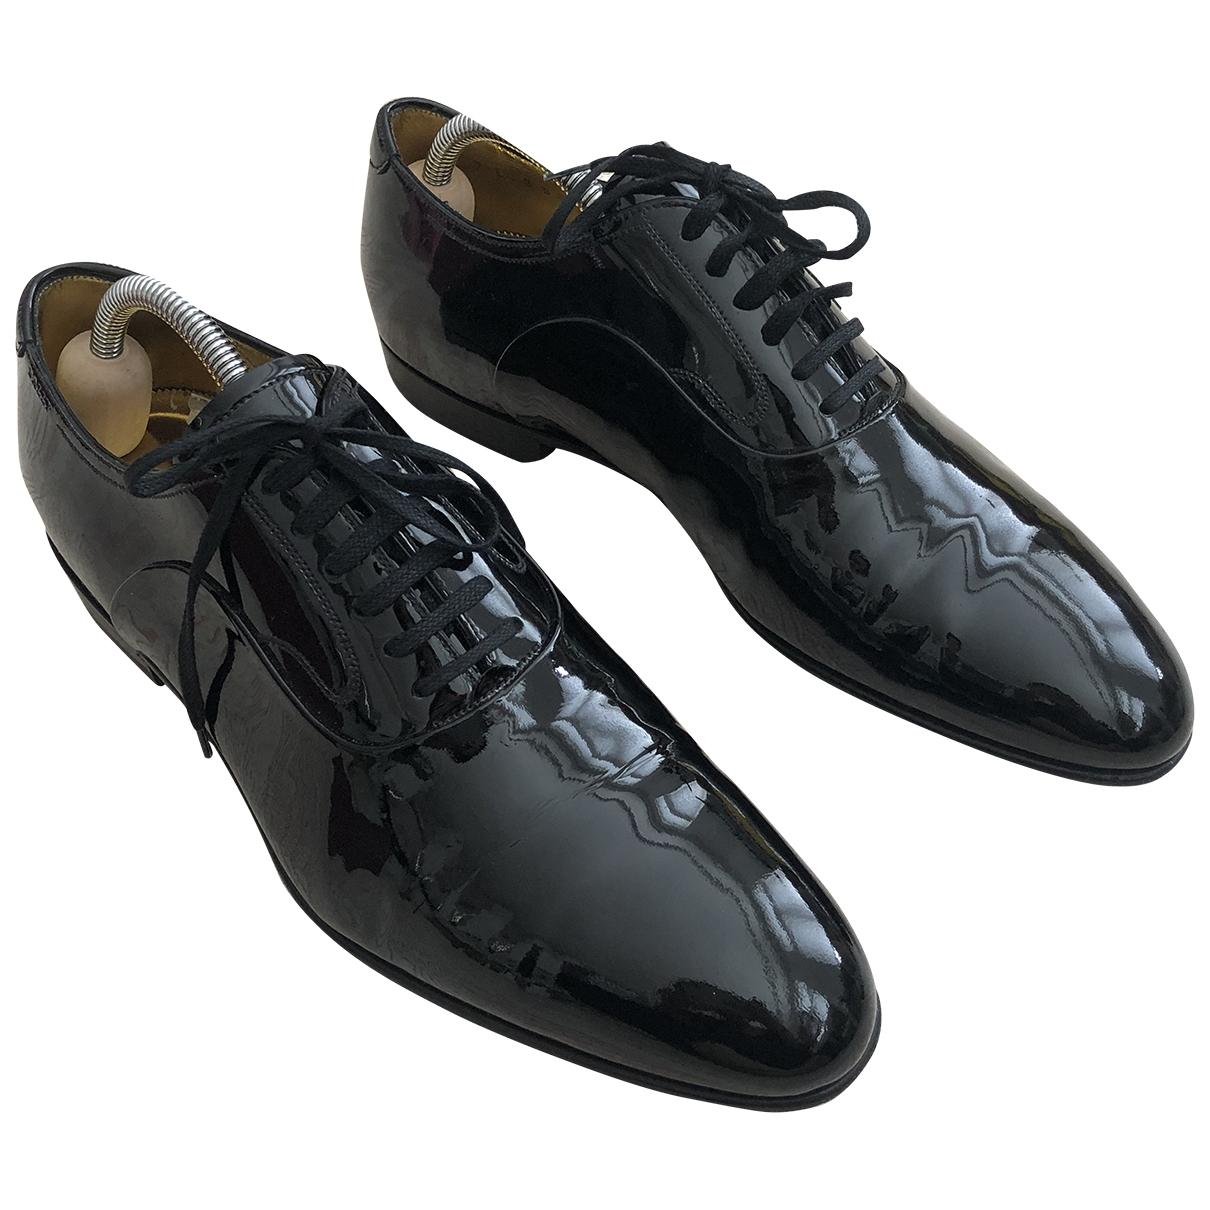 Bally - Derbies   pour homme en cuir verni - noir